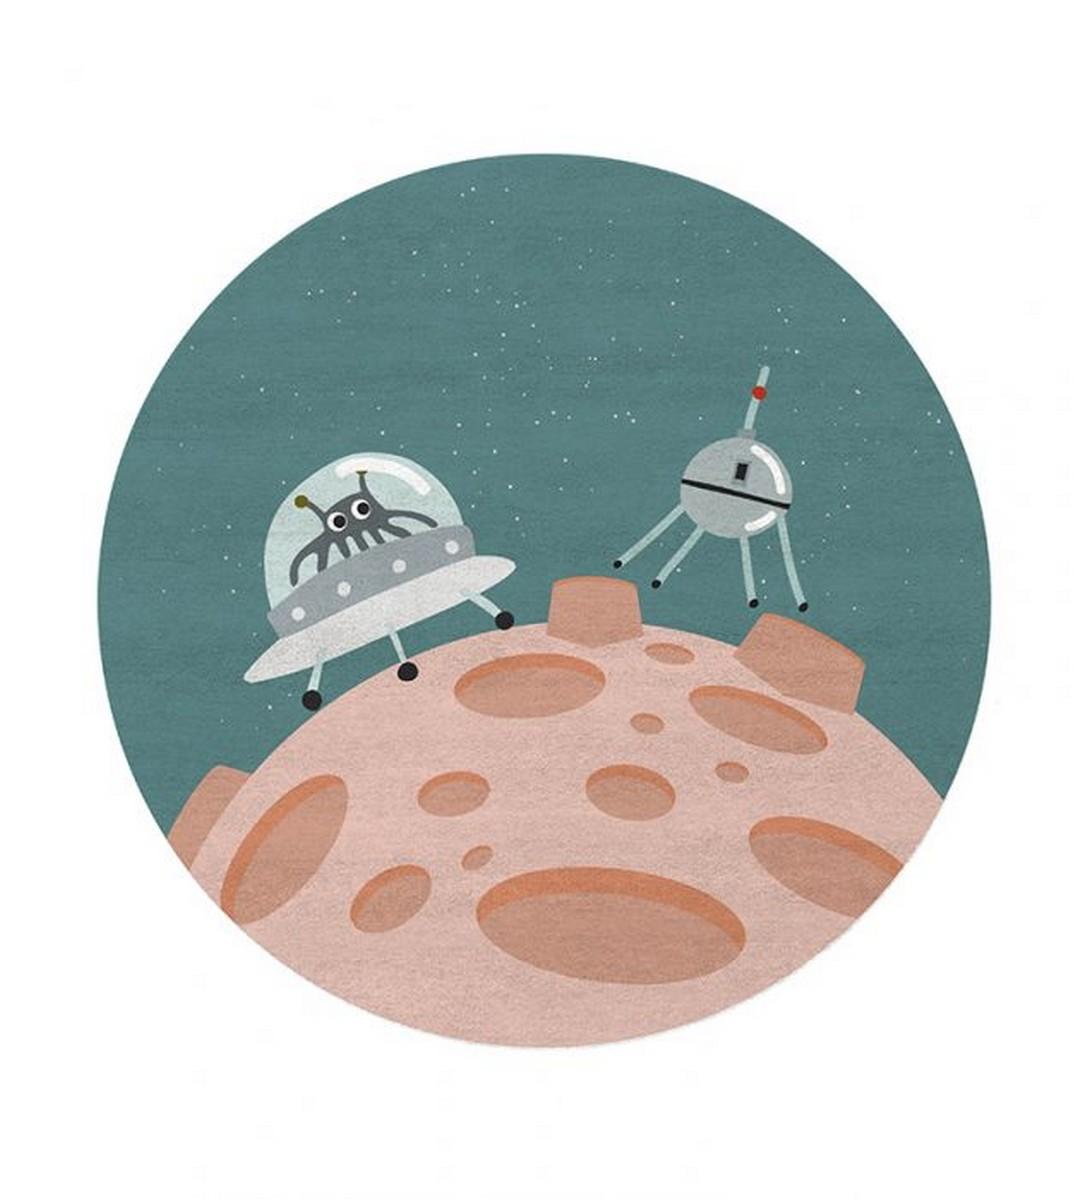 Diseño para niños: Nuevas Alfombras Mágicas por Circu diseño para niños Diseño para niños: Nuevas Alfombras Mágicas por Circu hello stranger round rug circu magical furniture 1